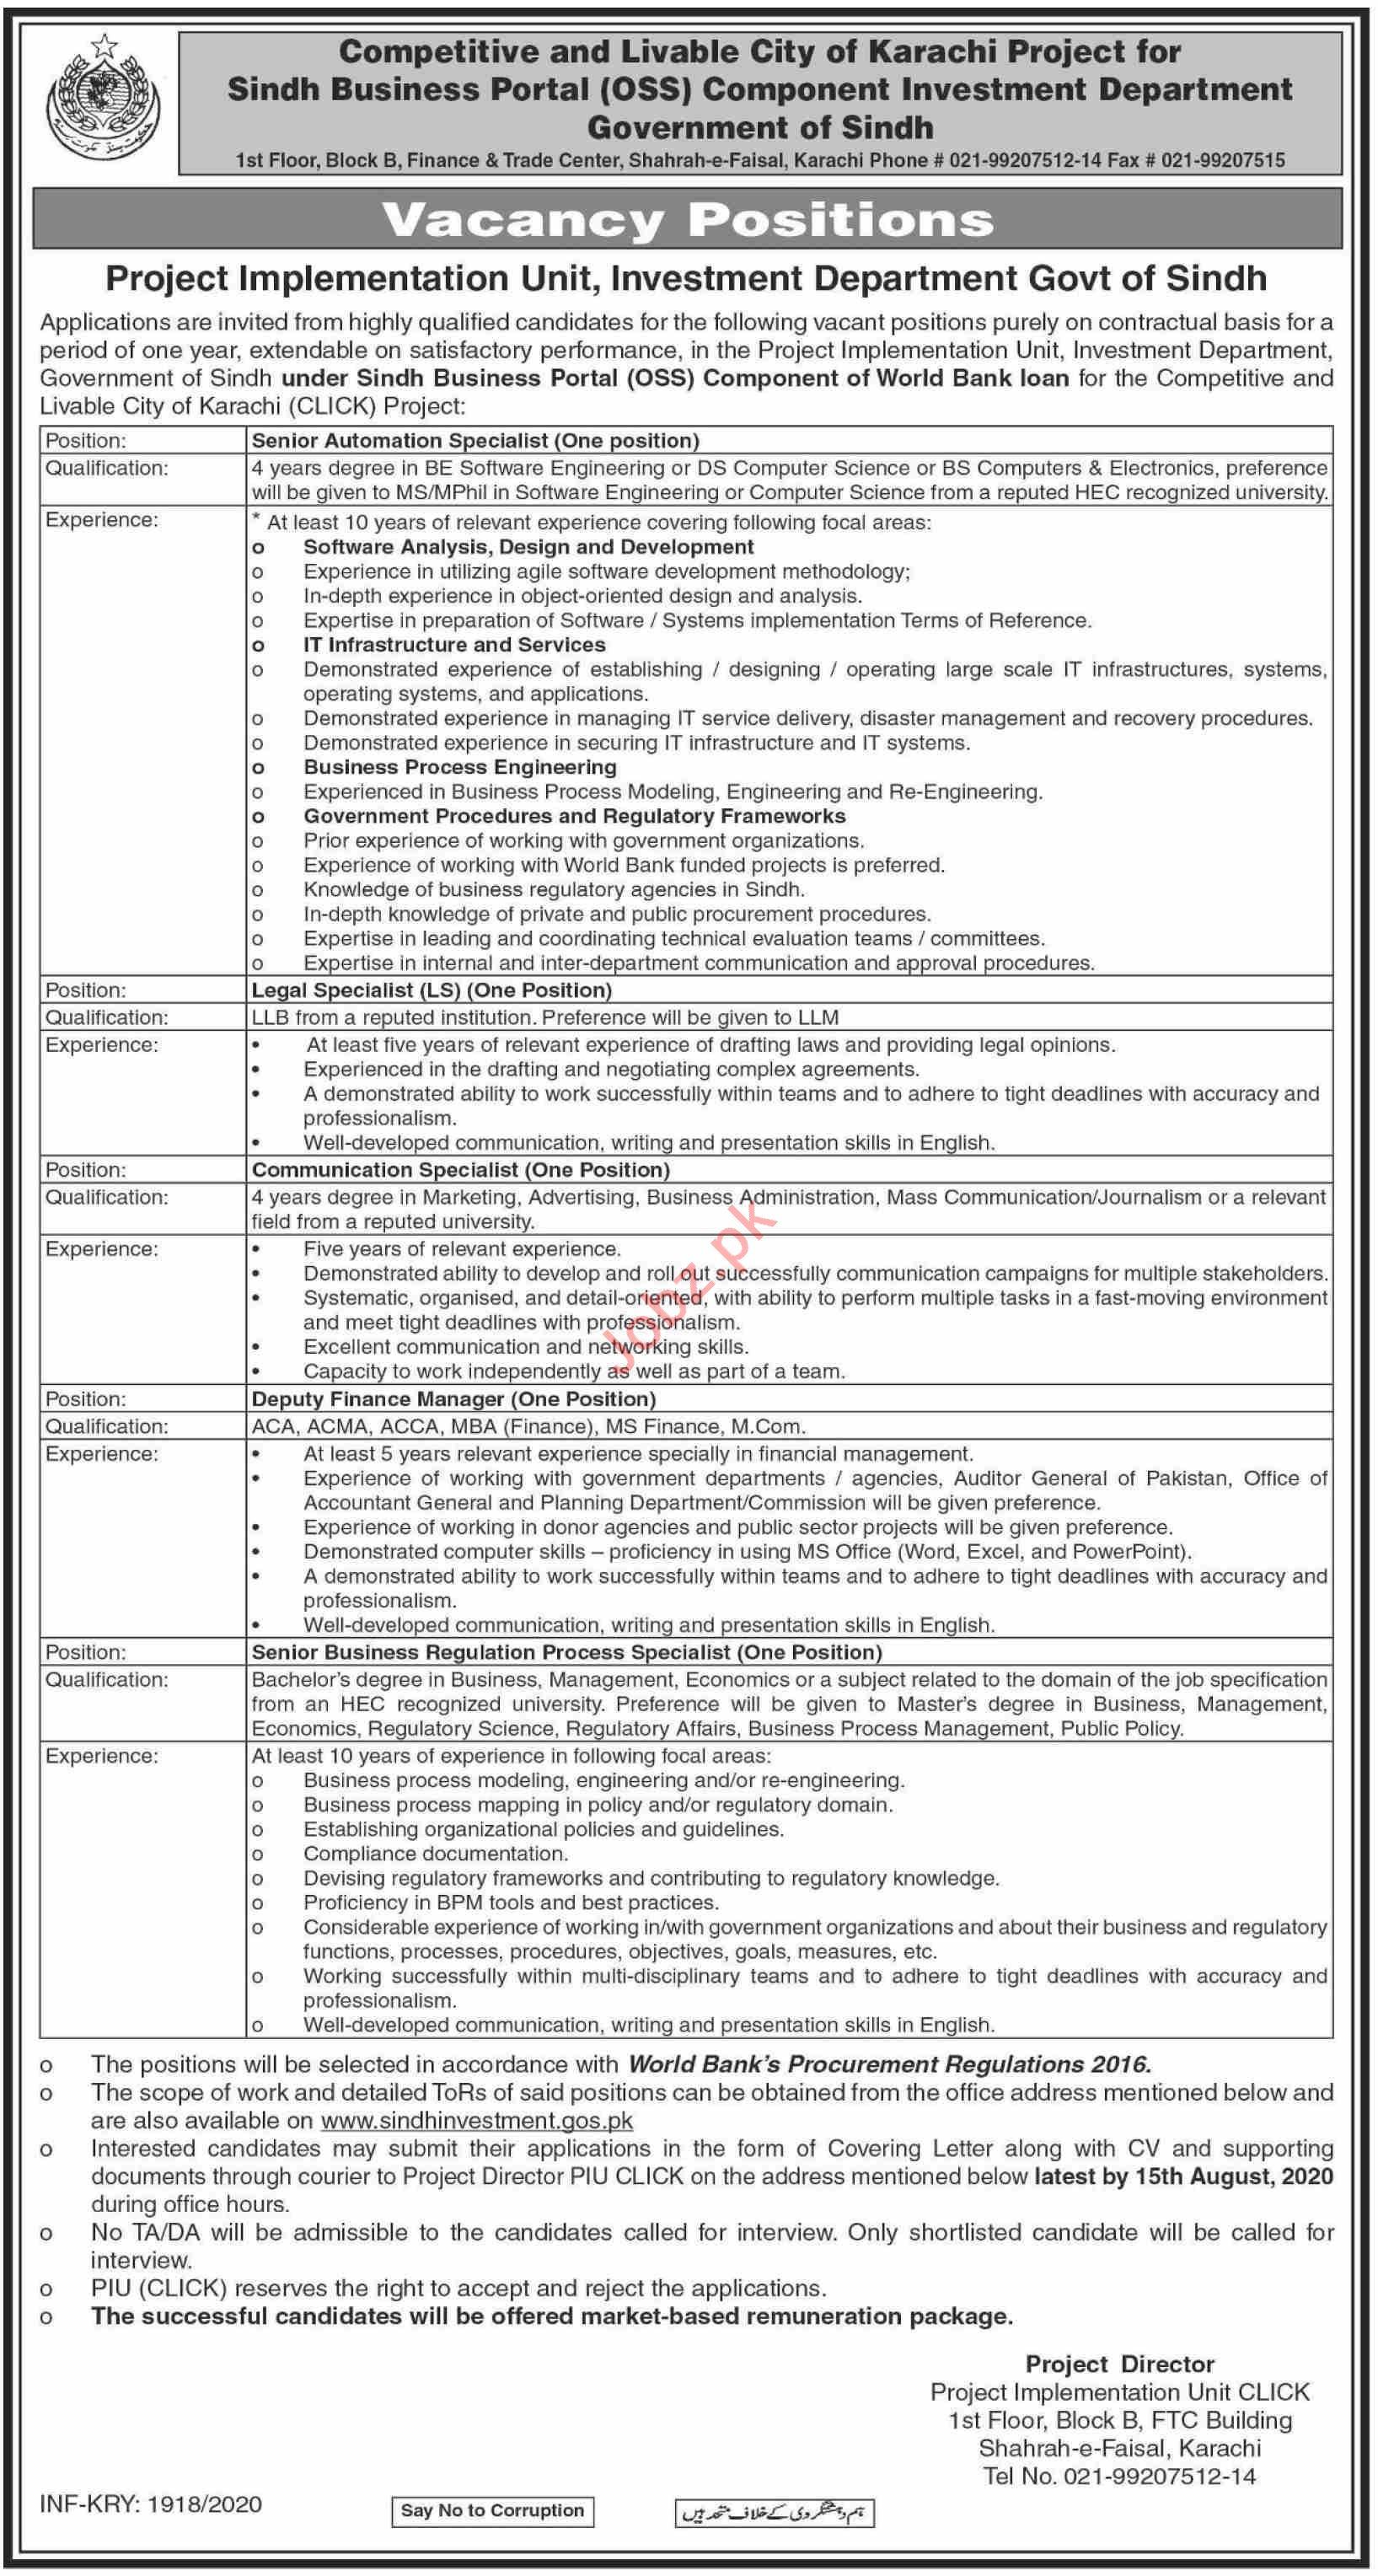 PIU CLICK Competitive & Liveable City Karachi Project Jobs